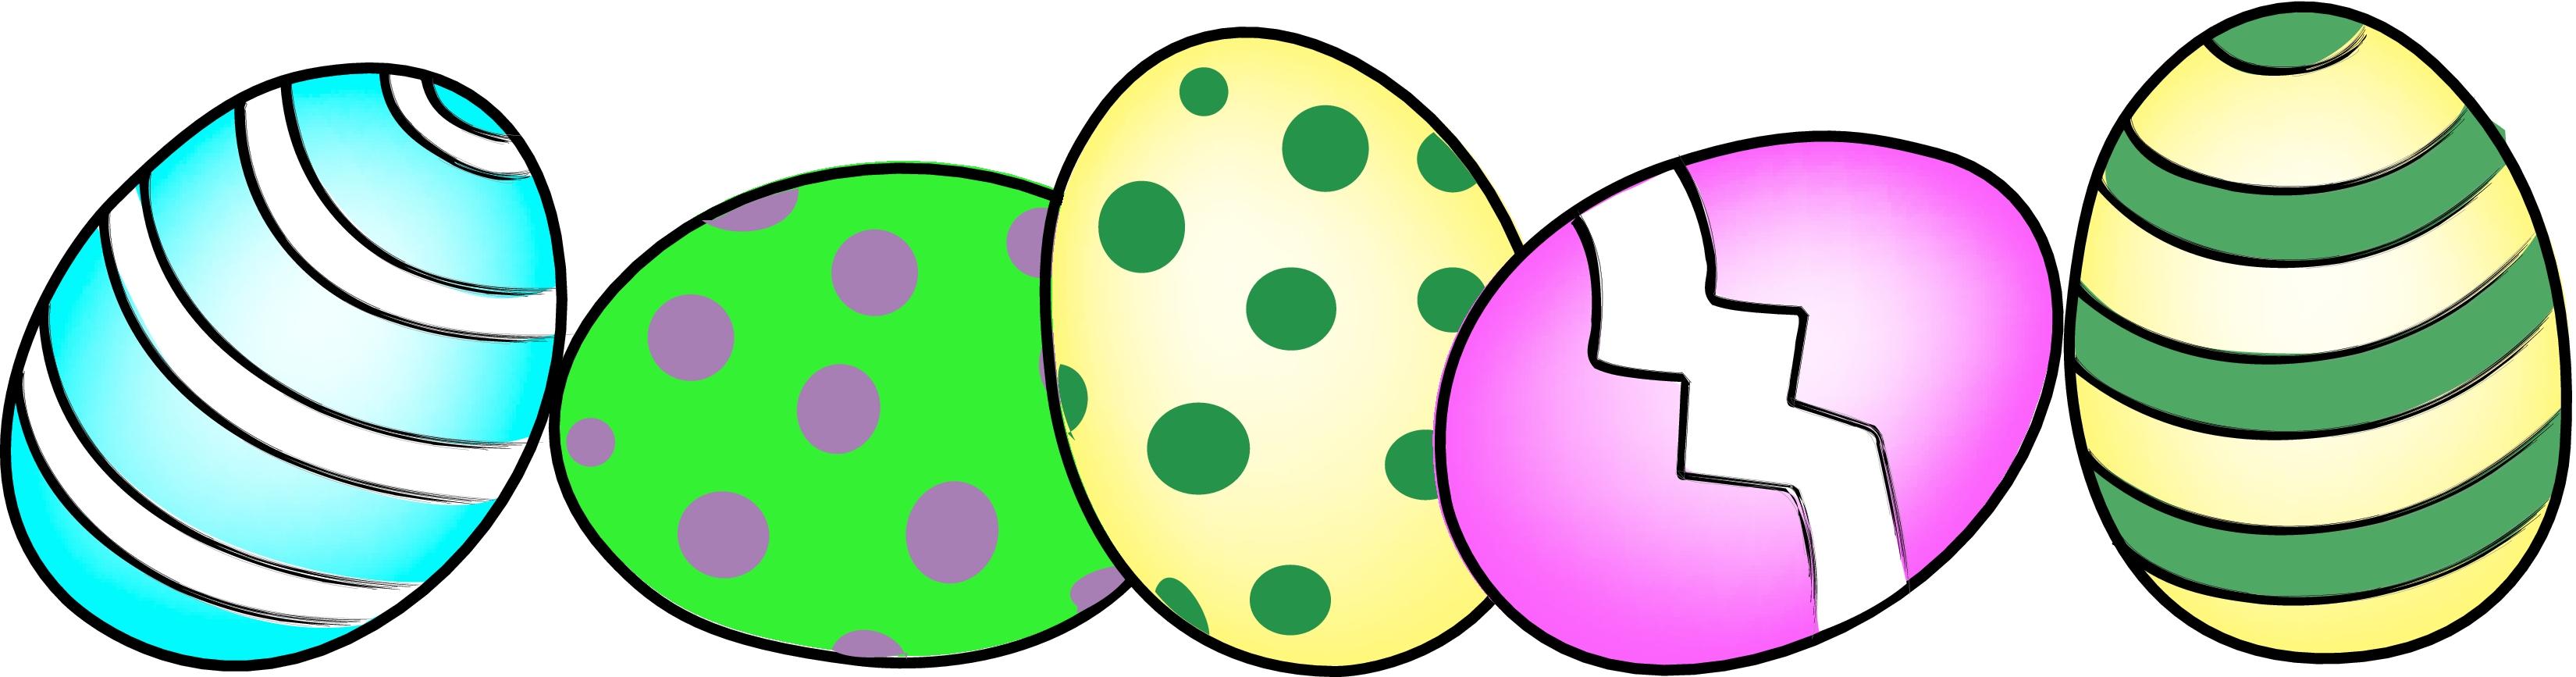 easter egg clipart-easter egg clipart-4